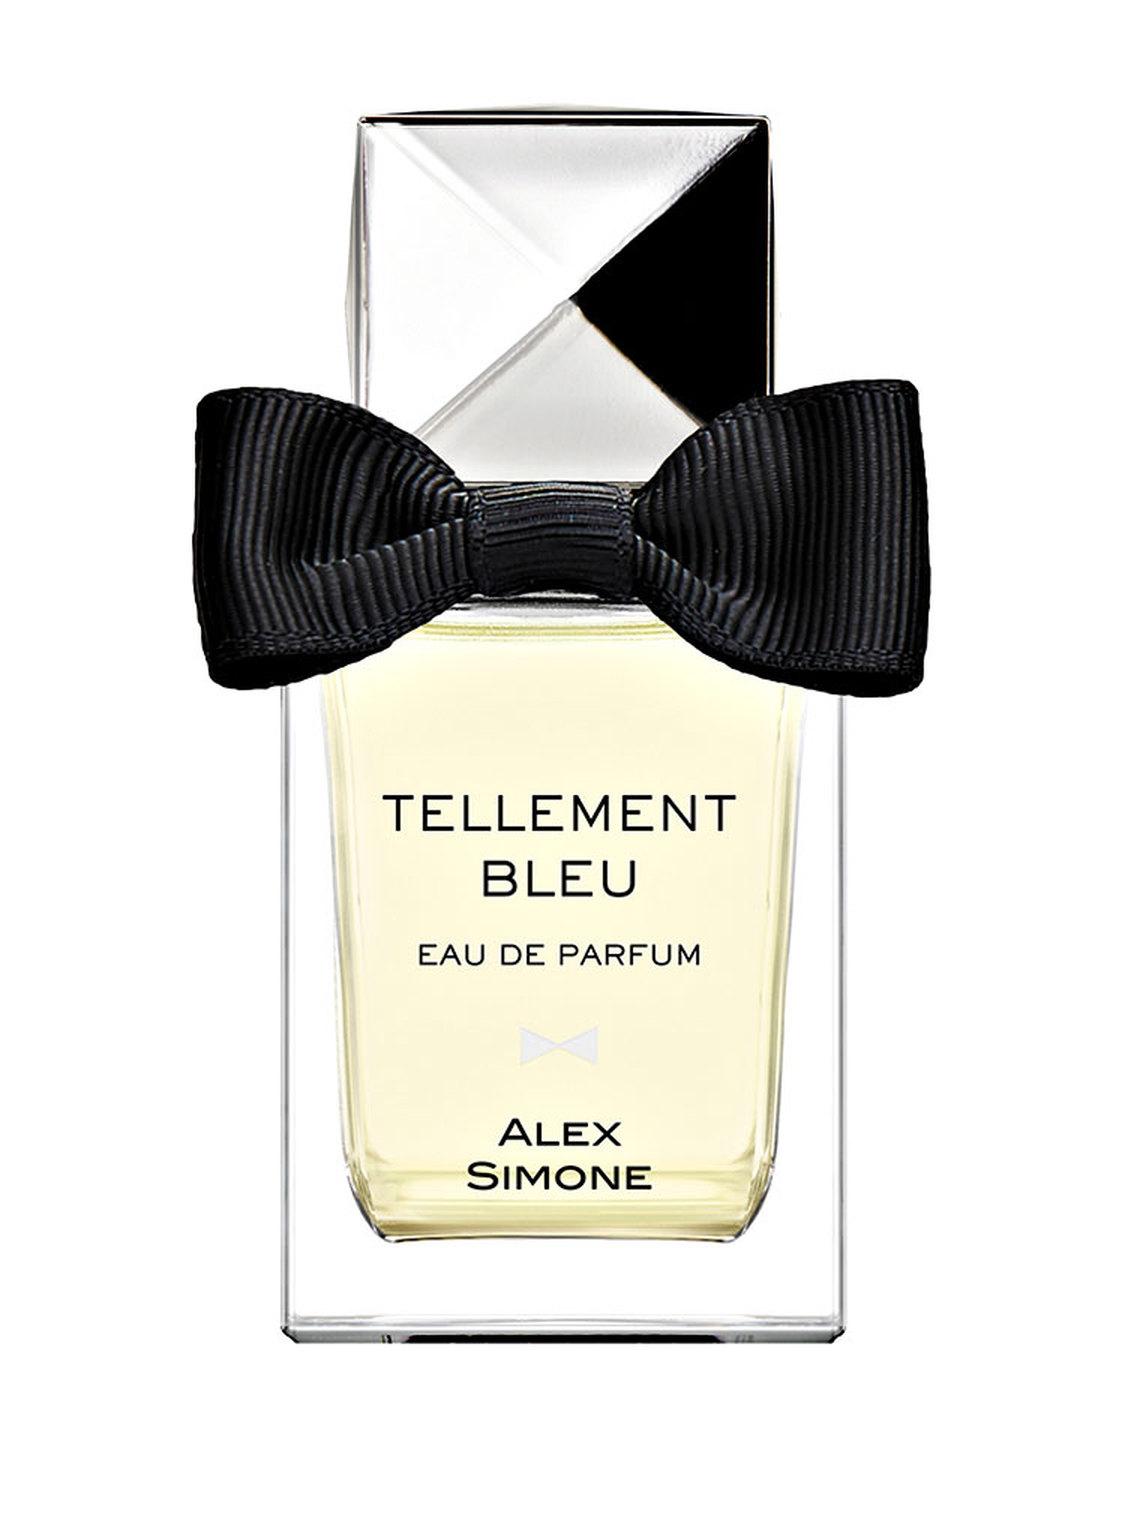 Image of Alex Simone Tellement Bleu Eau de Parfum 30 ml